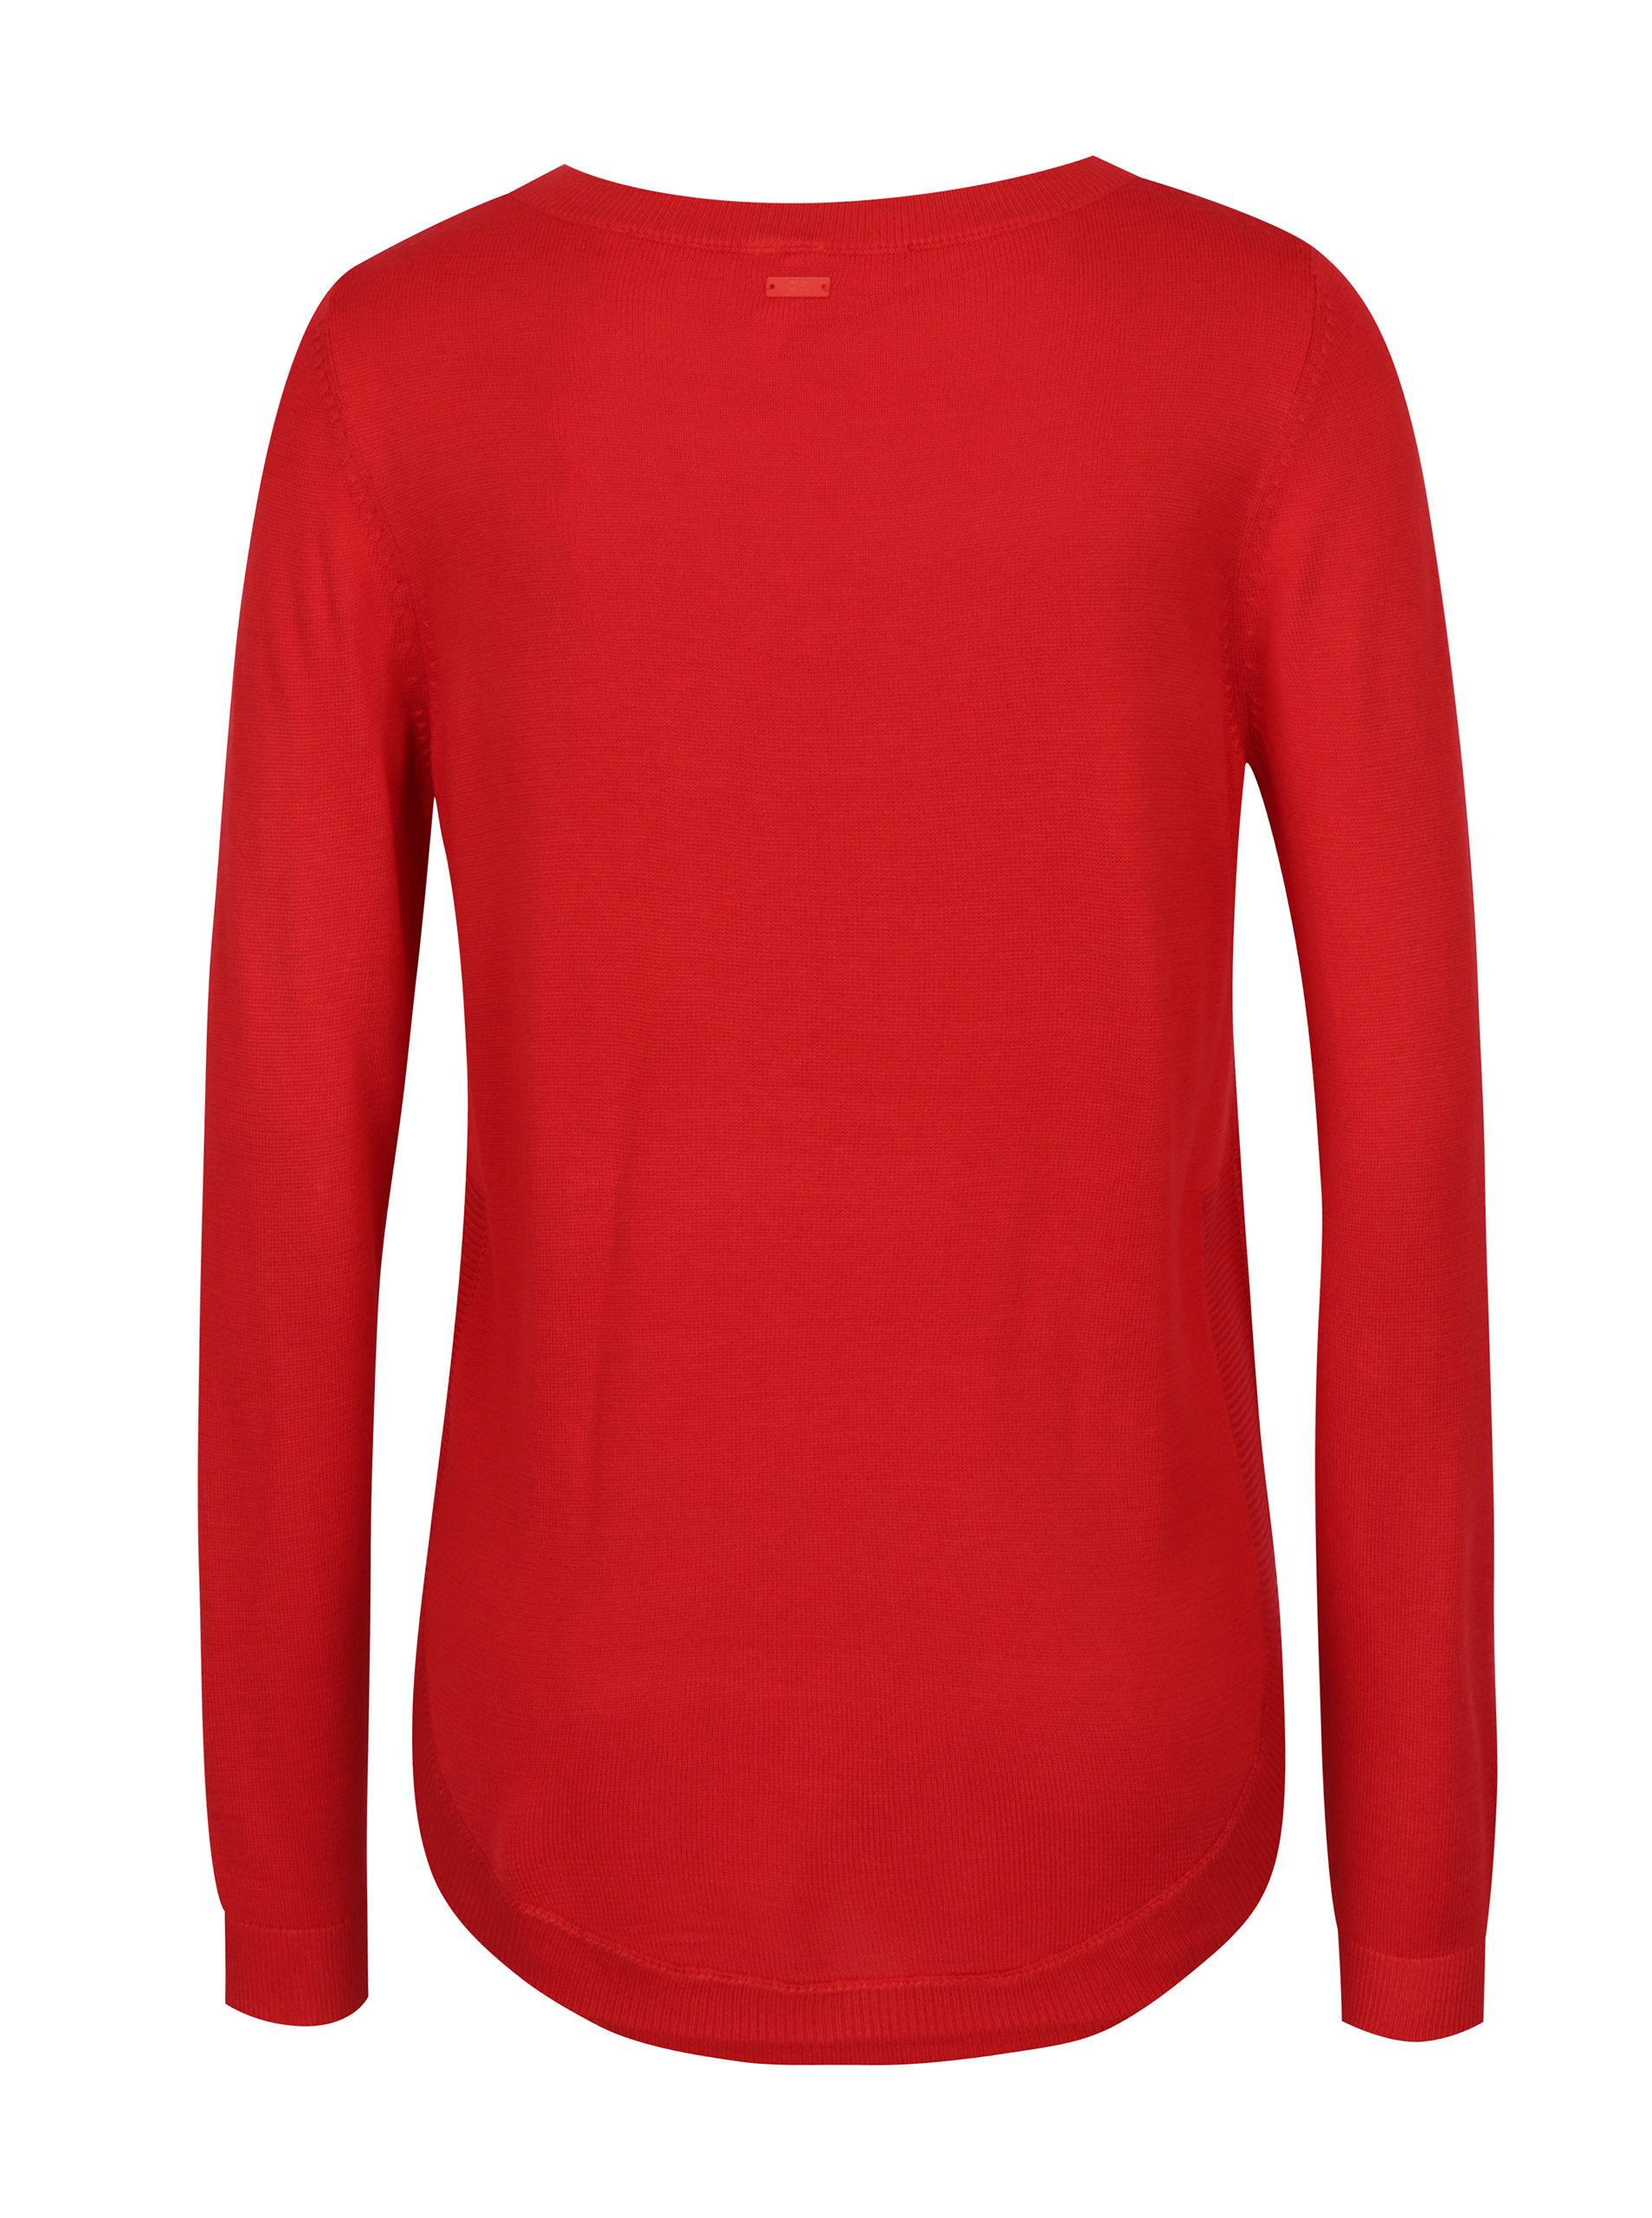 35017865cfbf Červený dámsky sveter s.Oliver